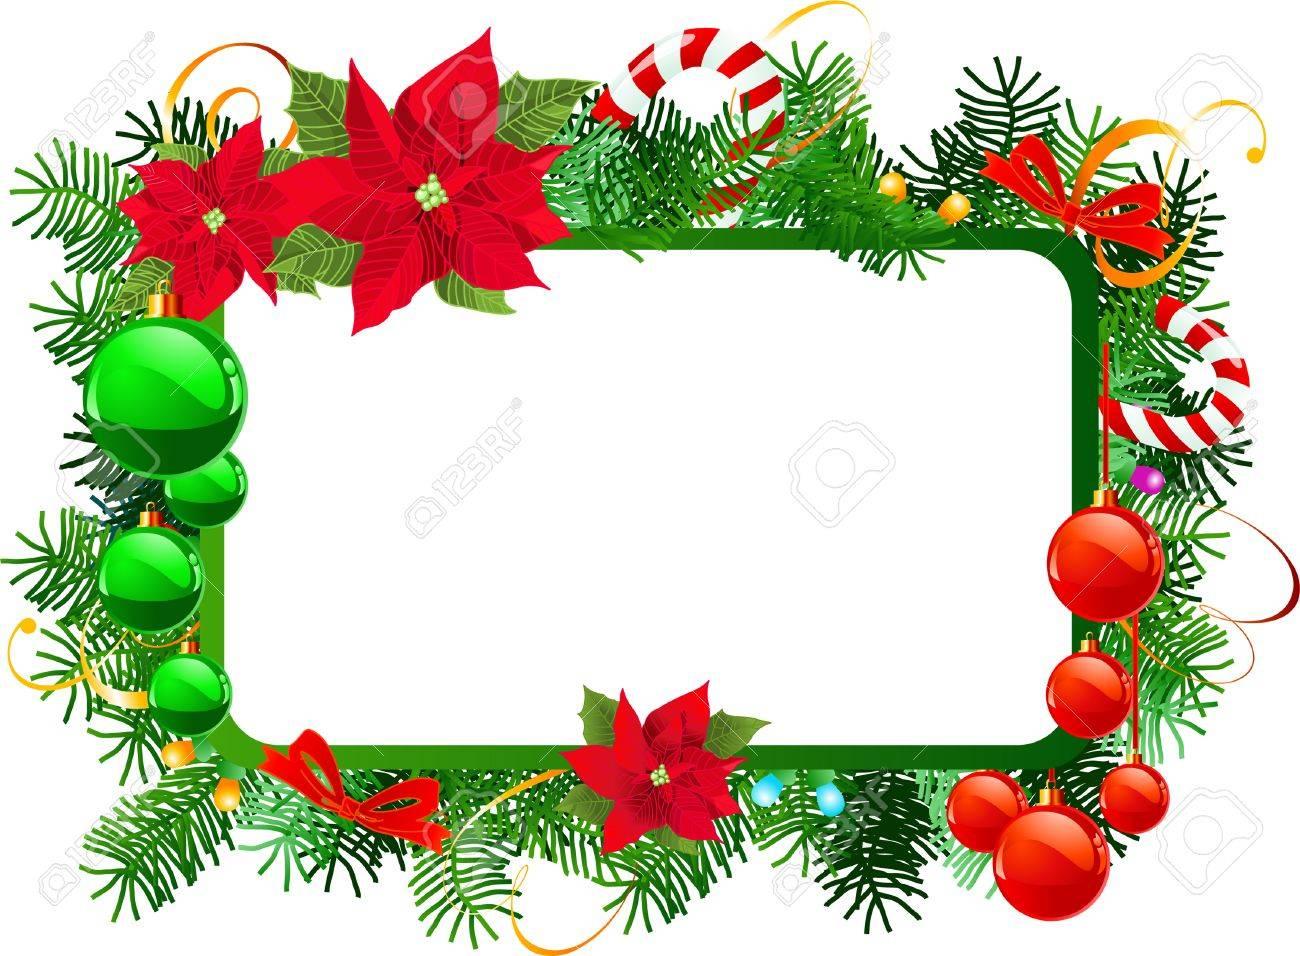 Marco De Navidad Con Decoracion De Navidad Ilustraciones - Decorativos-de-navidad